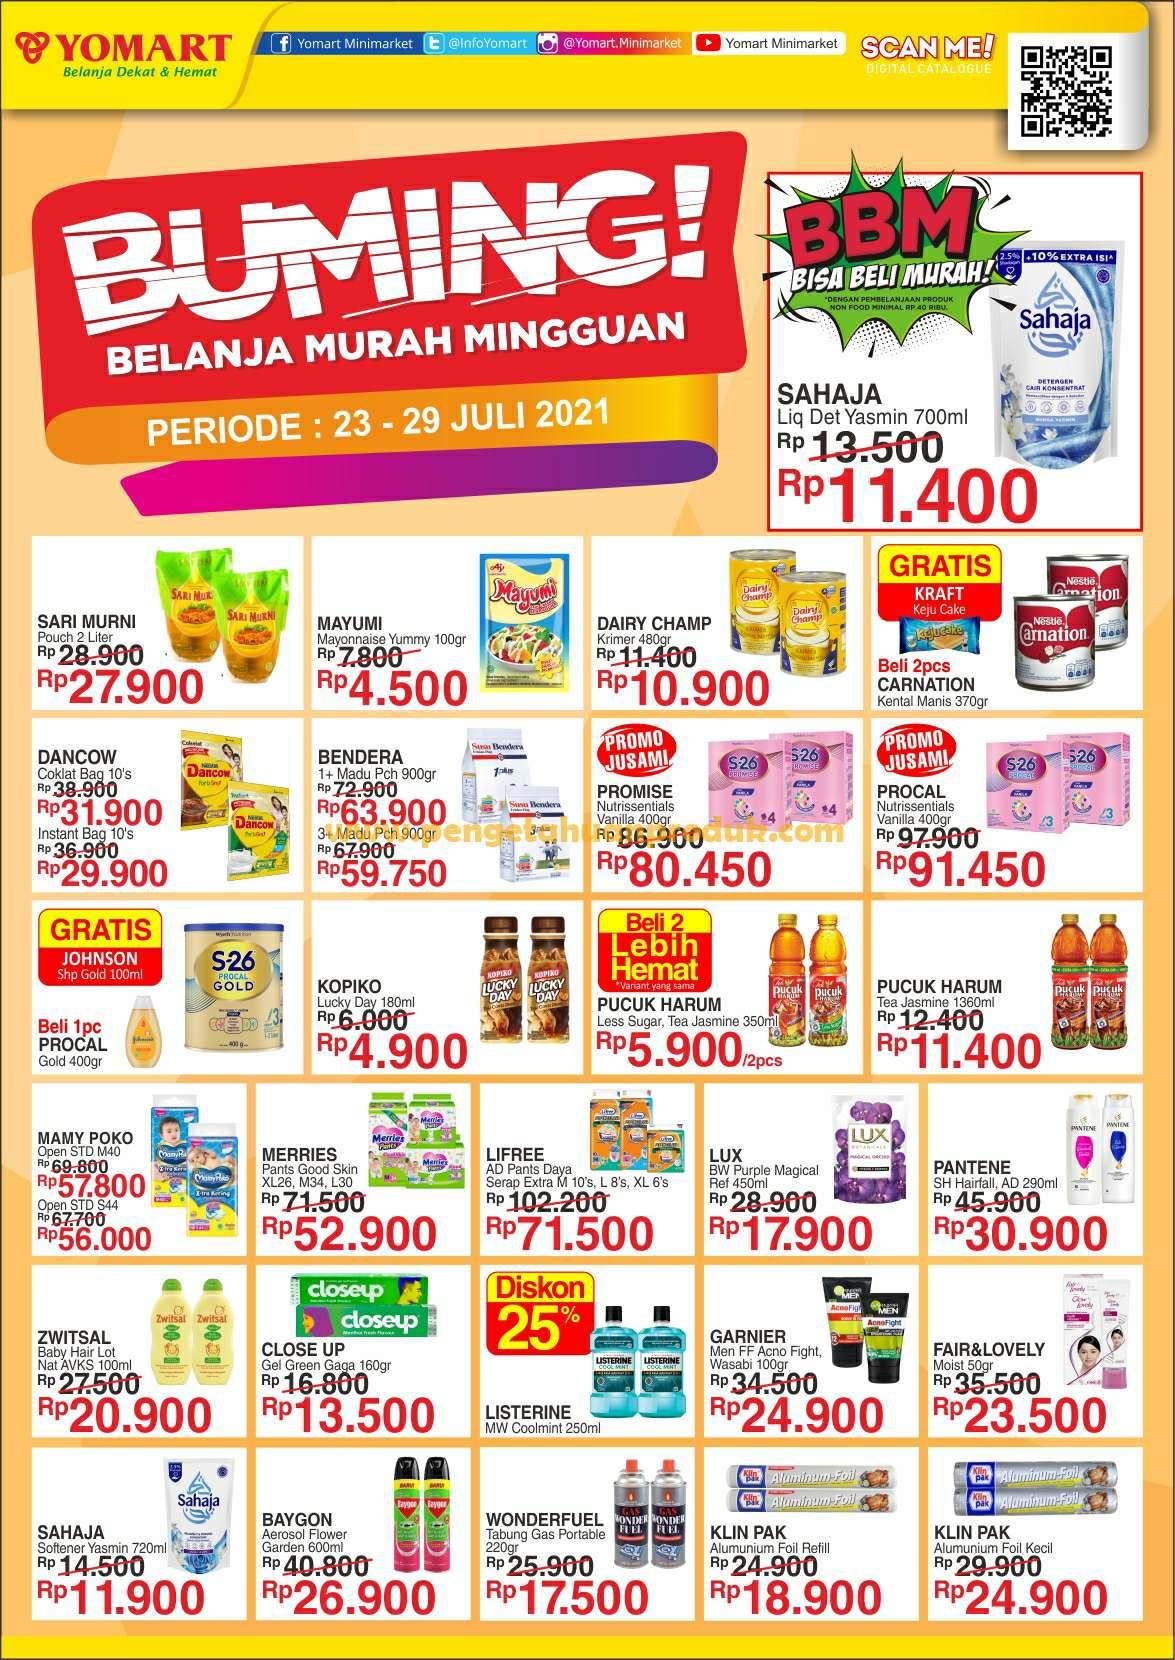 Katalog Promo Yomart Weekend Periode 23 - 29 Juli 2021